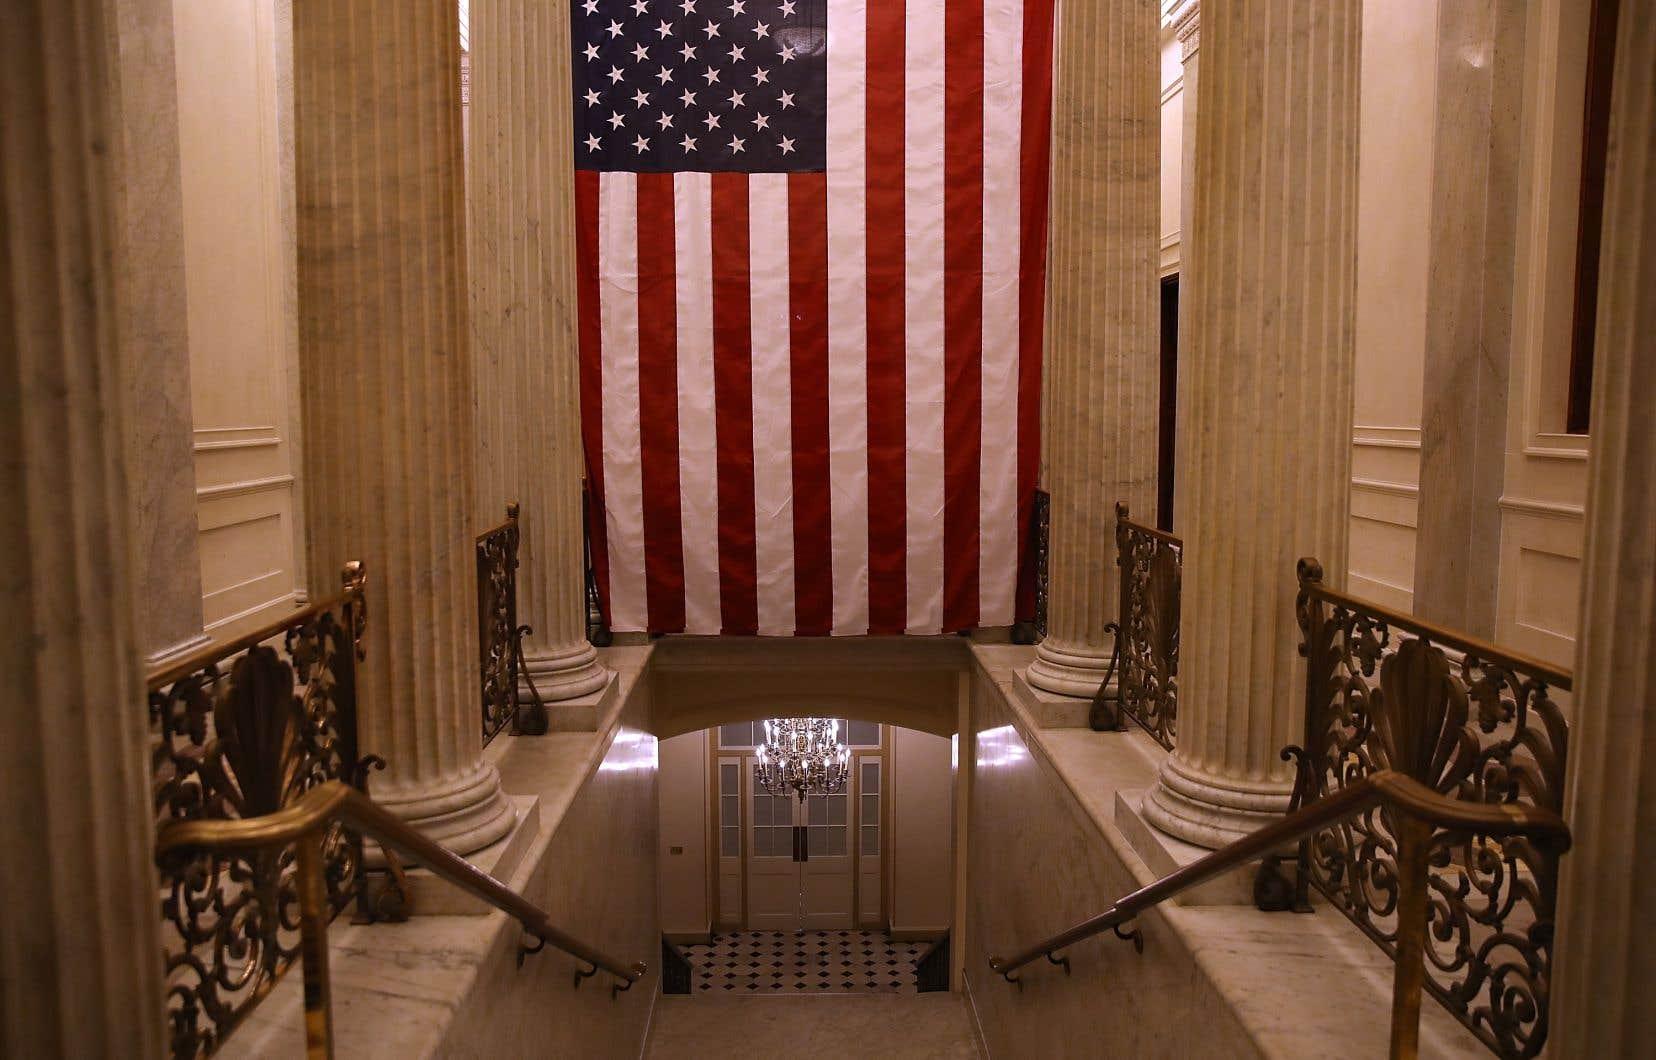 Un couloir désert du Capitole, qui abrite le Sénat américain